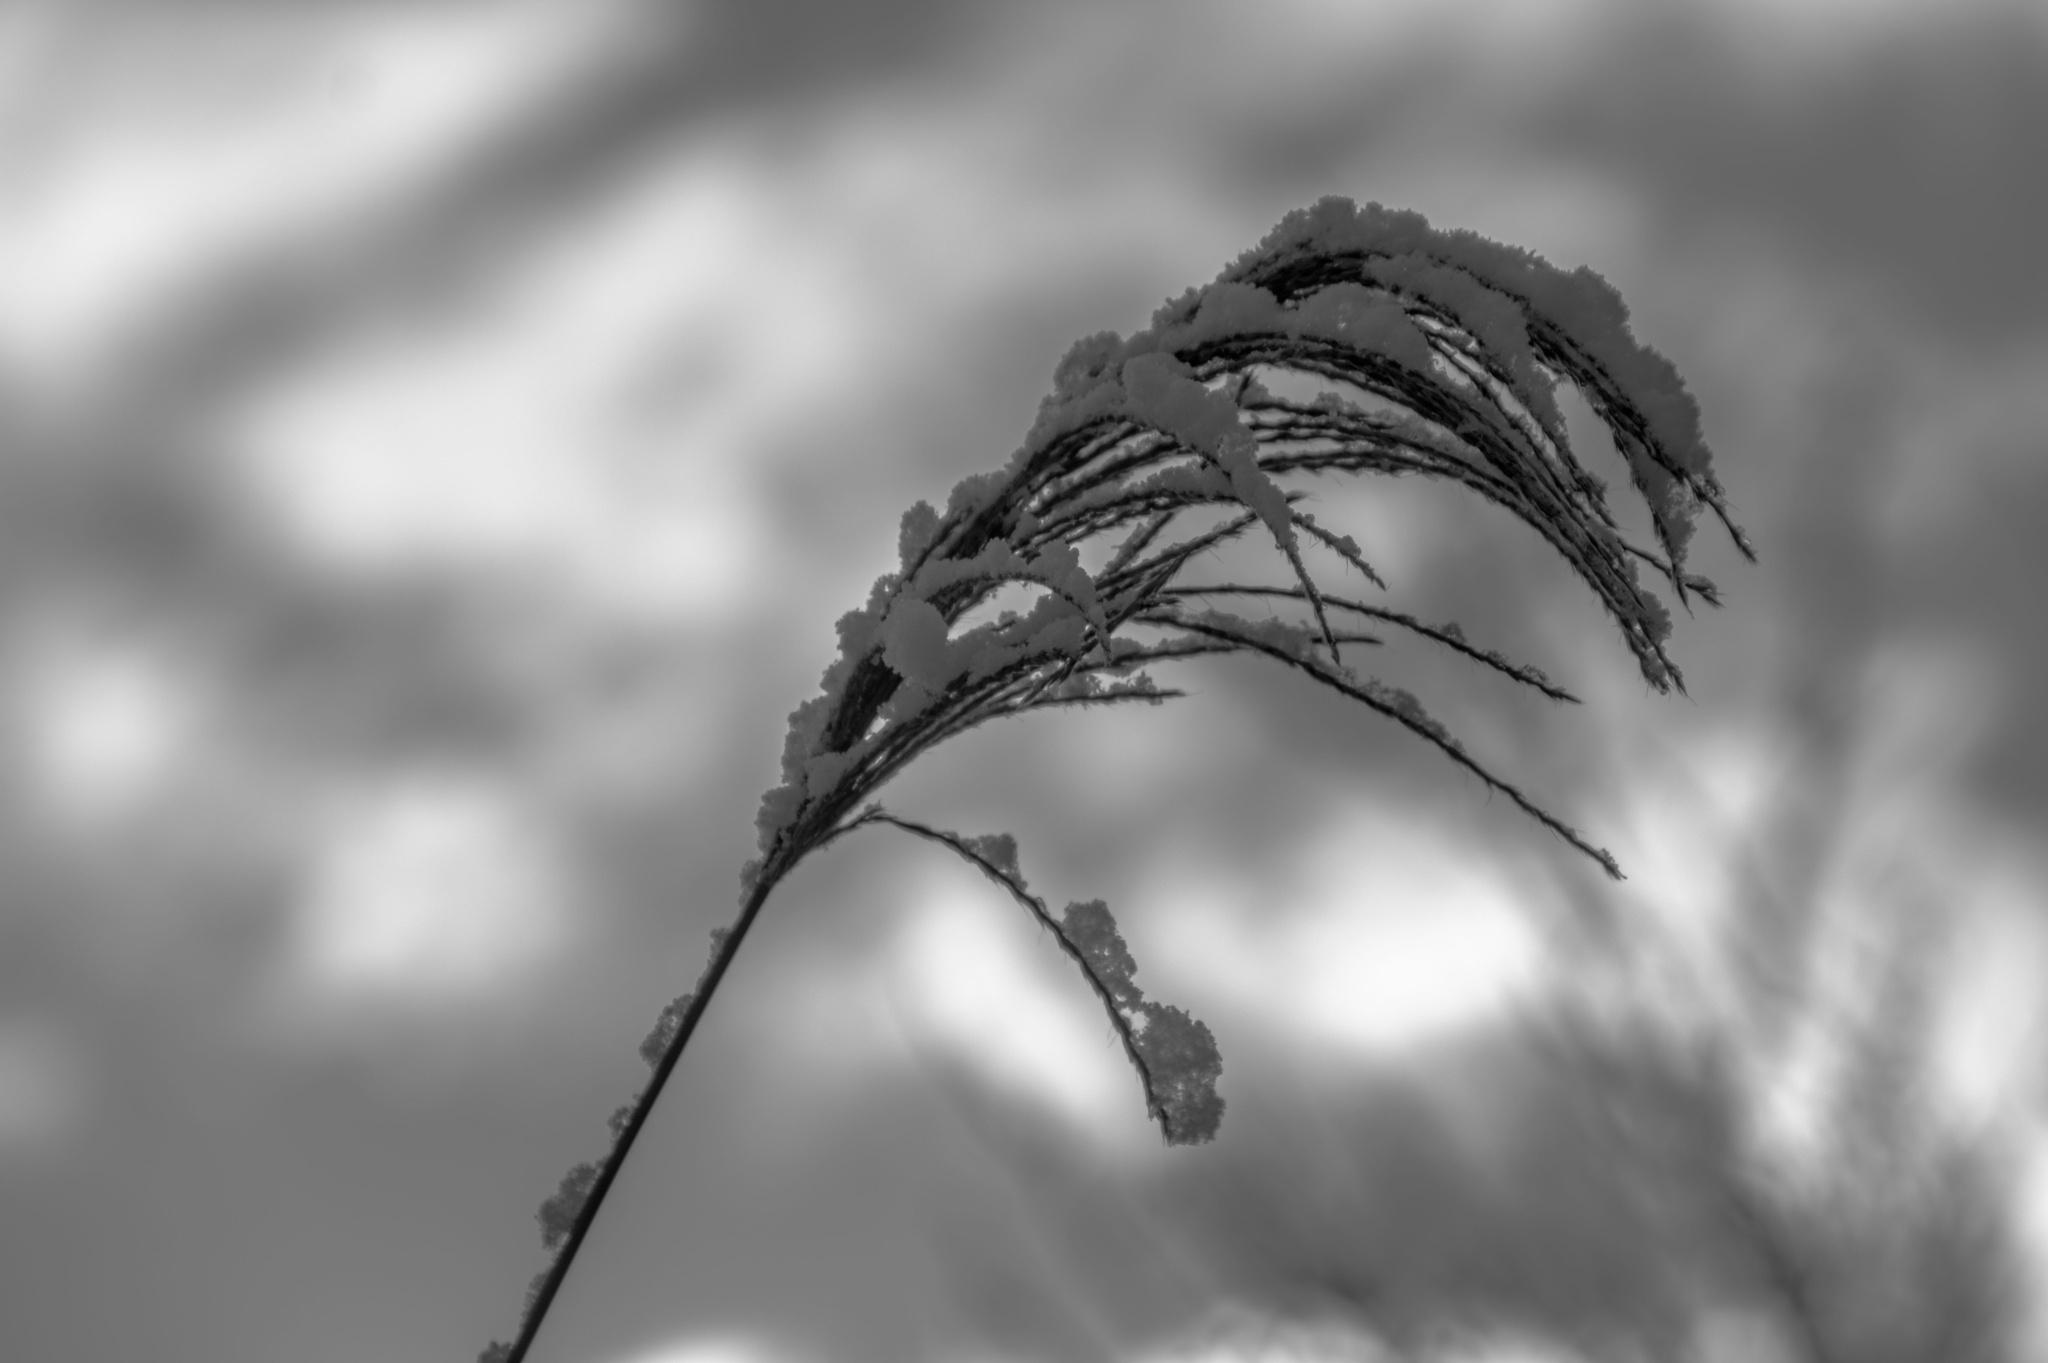 rietpluim met sneeuw by Roelof de Haan